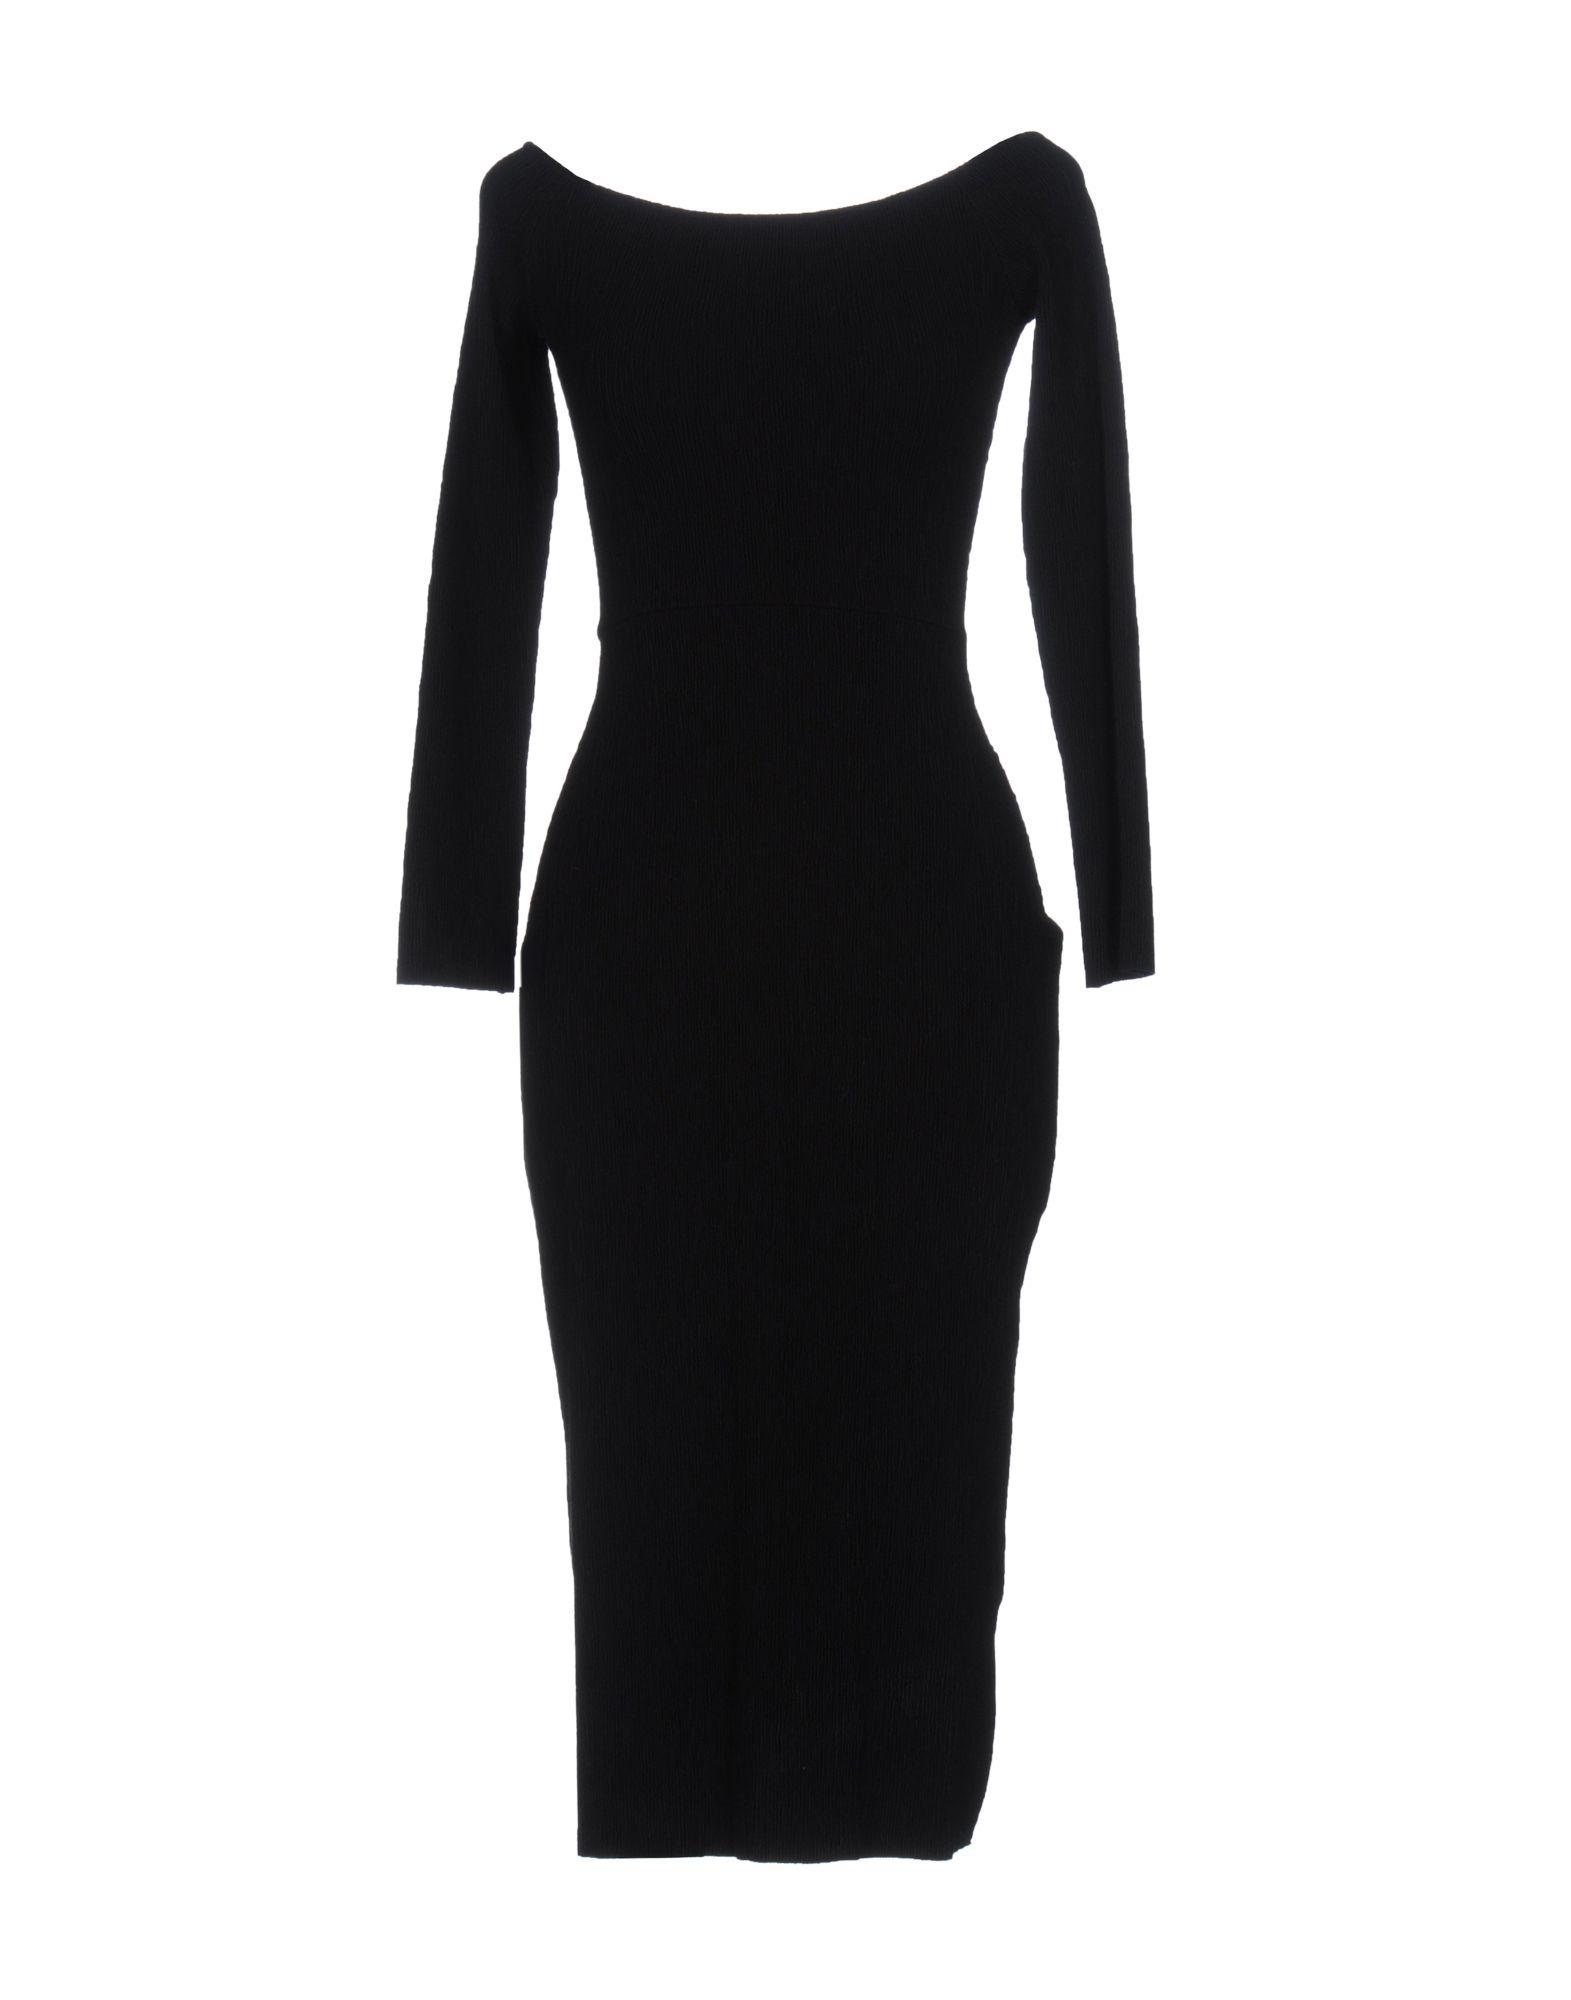 ATEA OCEANIE Knee-Length Dress in Black